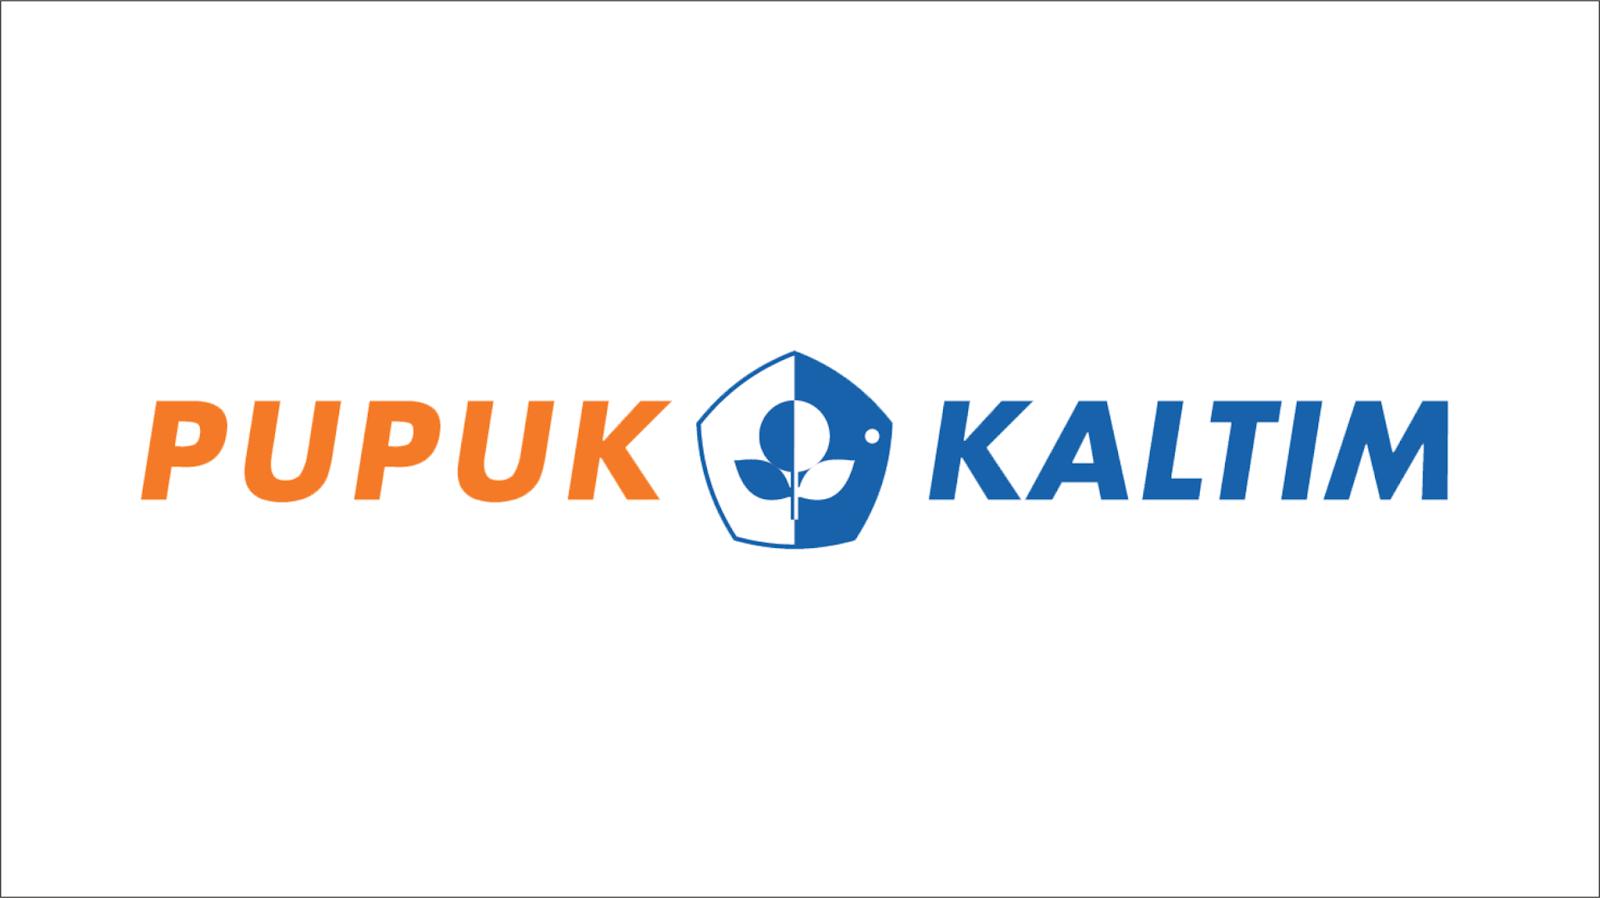 Info Lowongan Kerja Bumn Pt Pupuk Kaltim Lulusan Smk D3 S1 Terbaru Info Loker Terbaru 2020